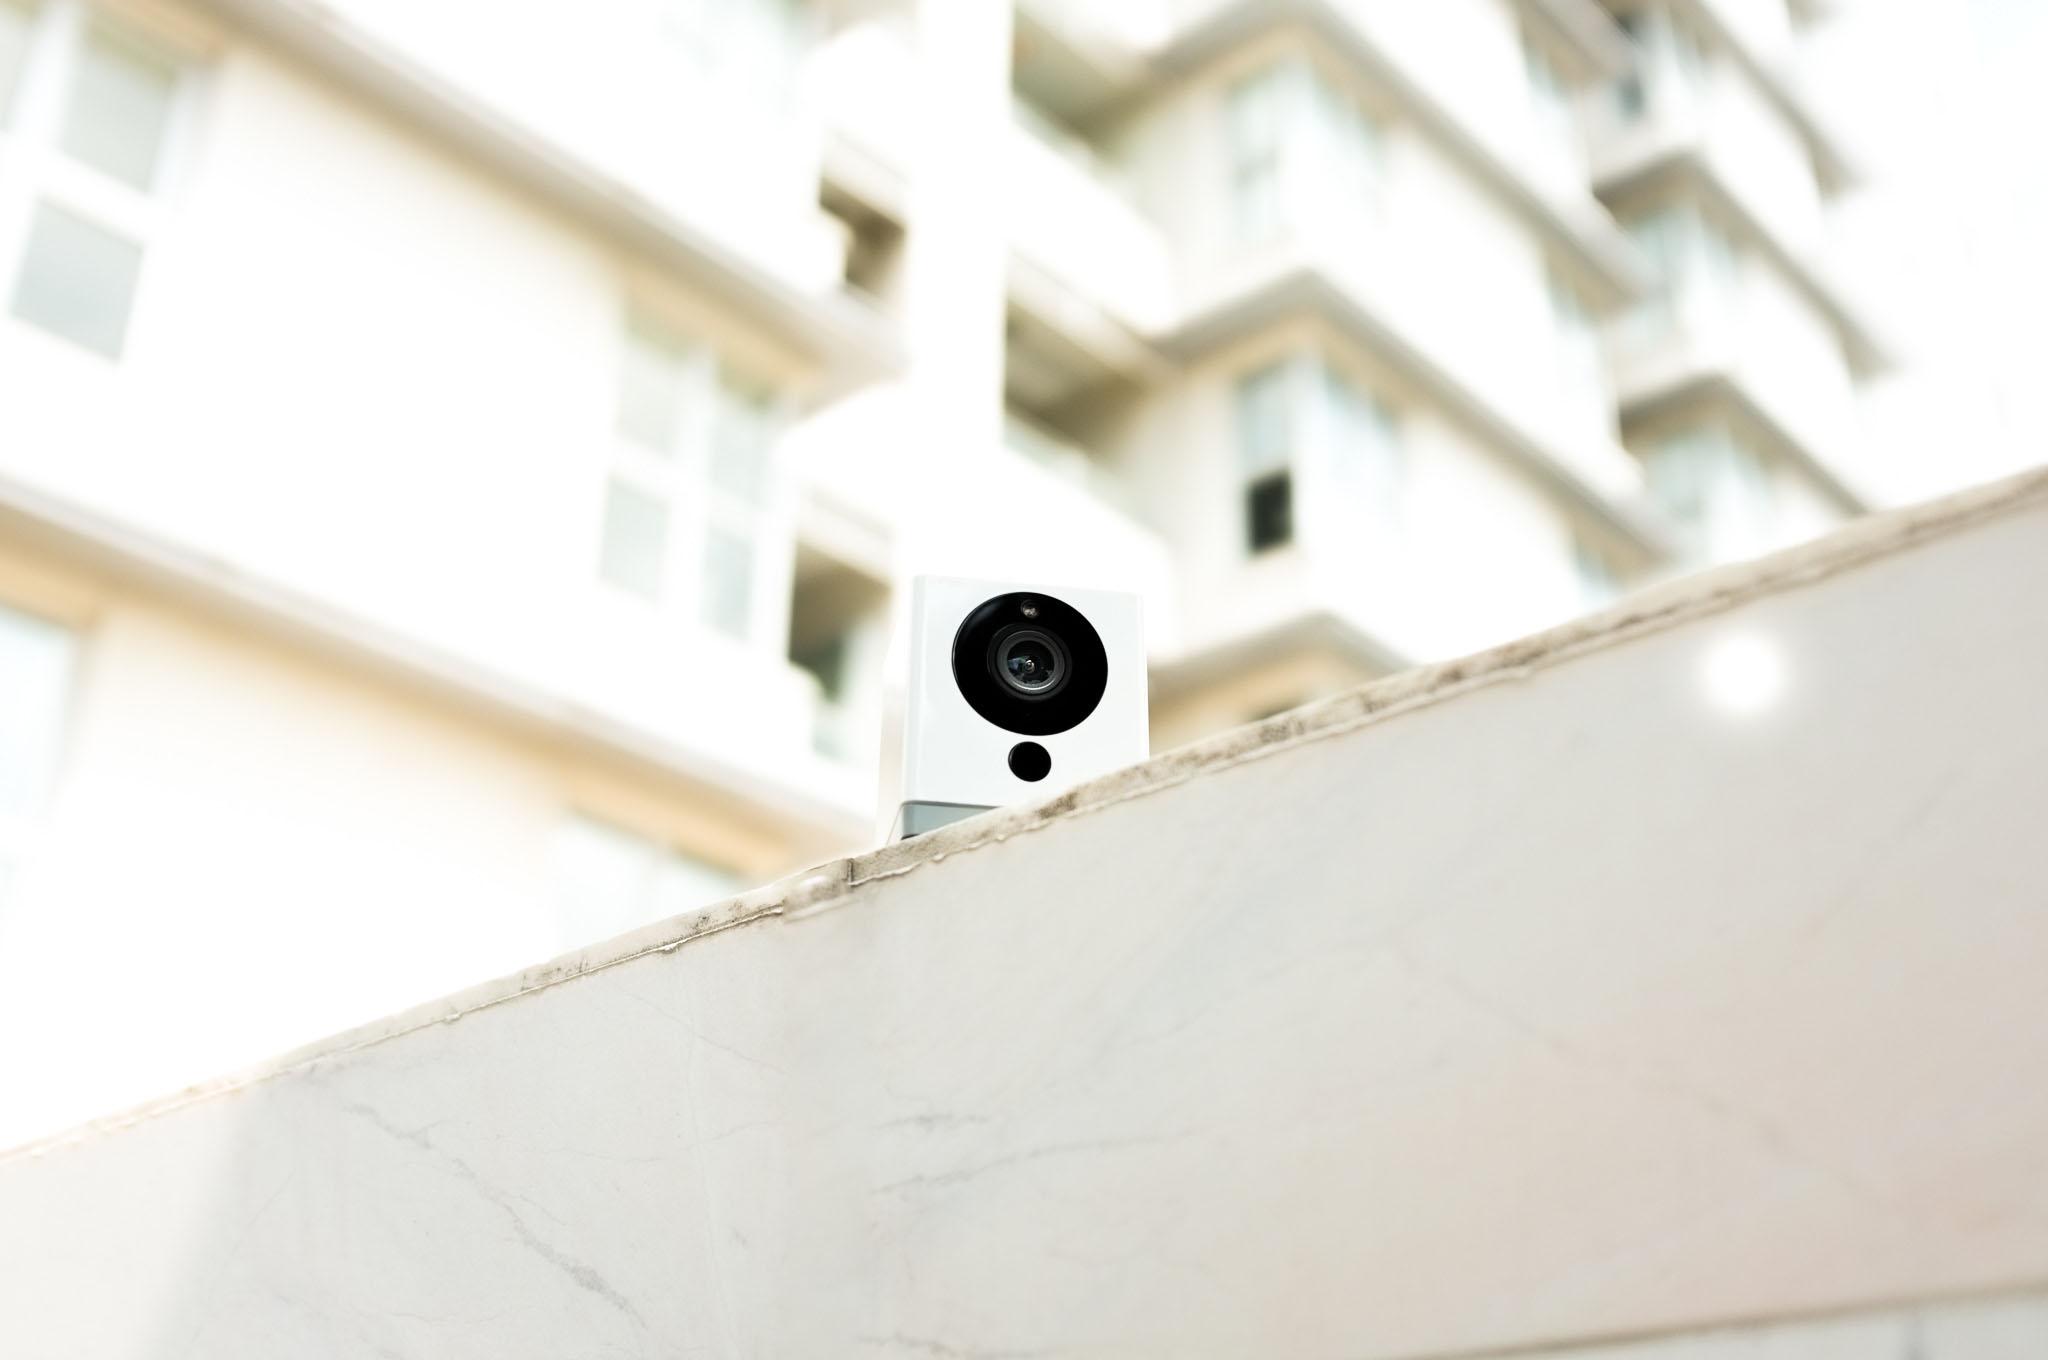 4005620_Tinhte-xiaomi-mini-square-camera-14.jpg